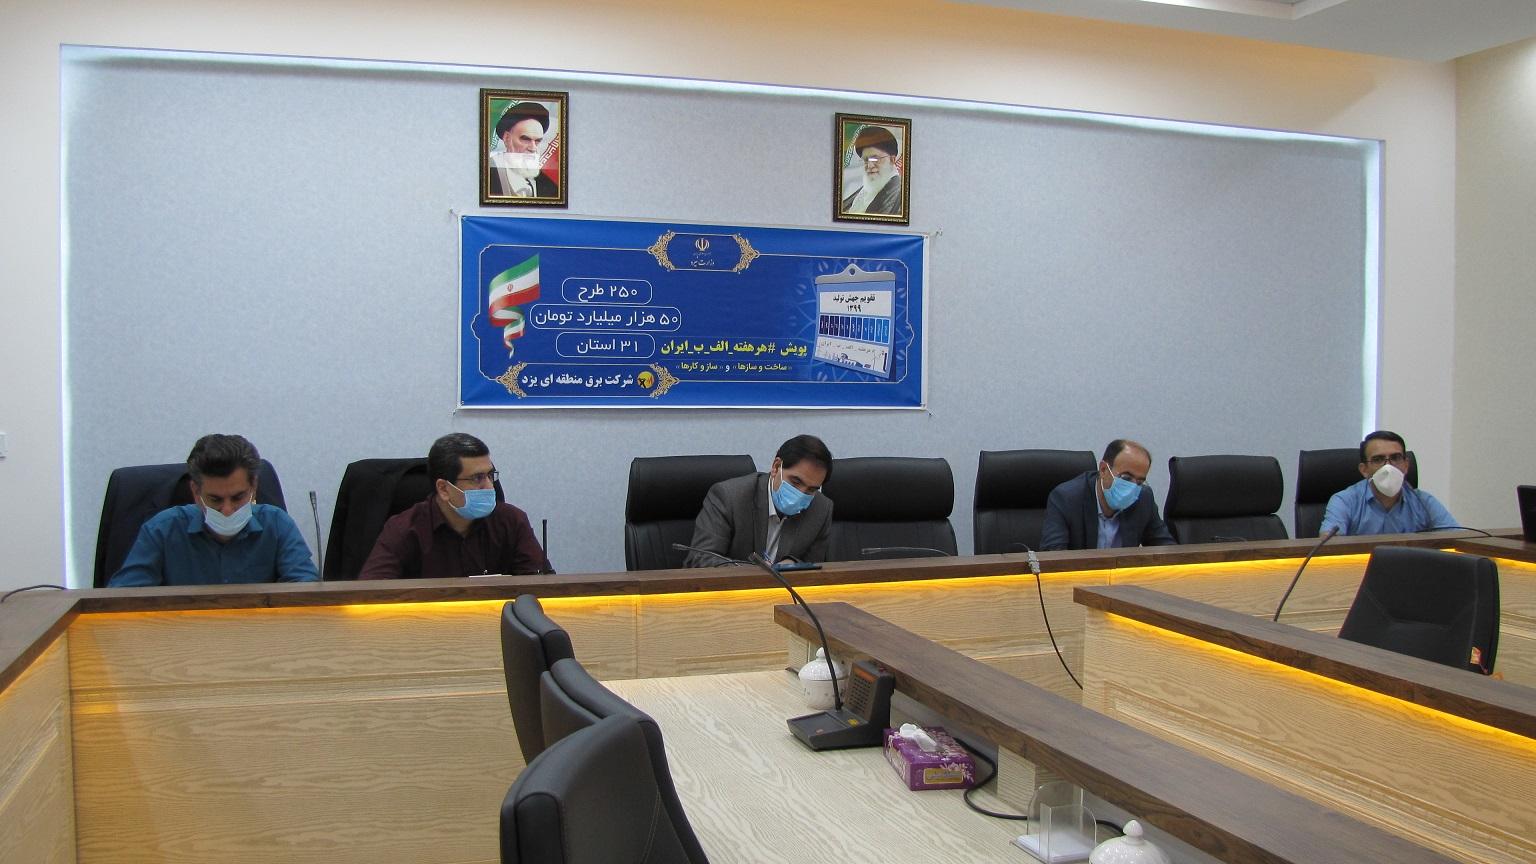 برگزاری نشست هماهنگی مدیران صنعت برق با شرکت شهرکهای صنعتی یزد